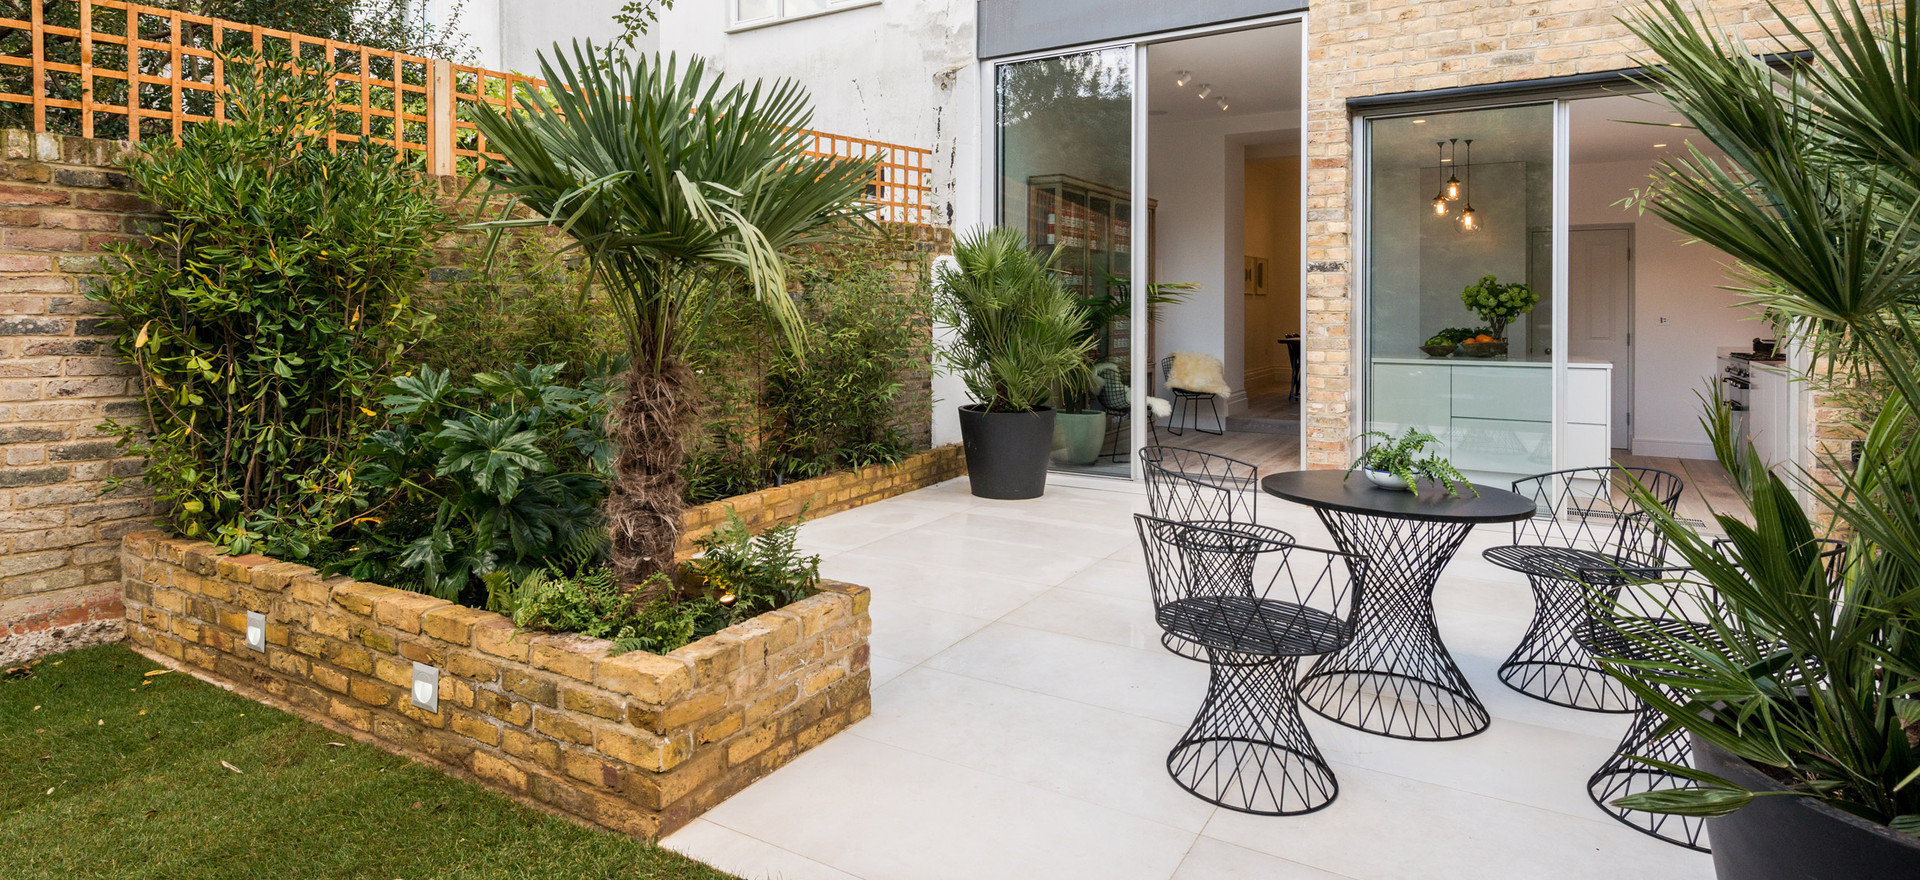 StG-garden-patio.jpg